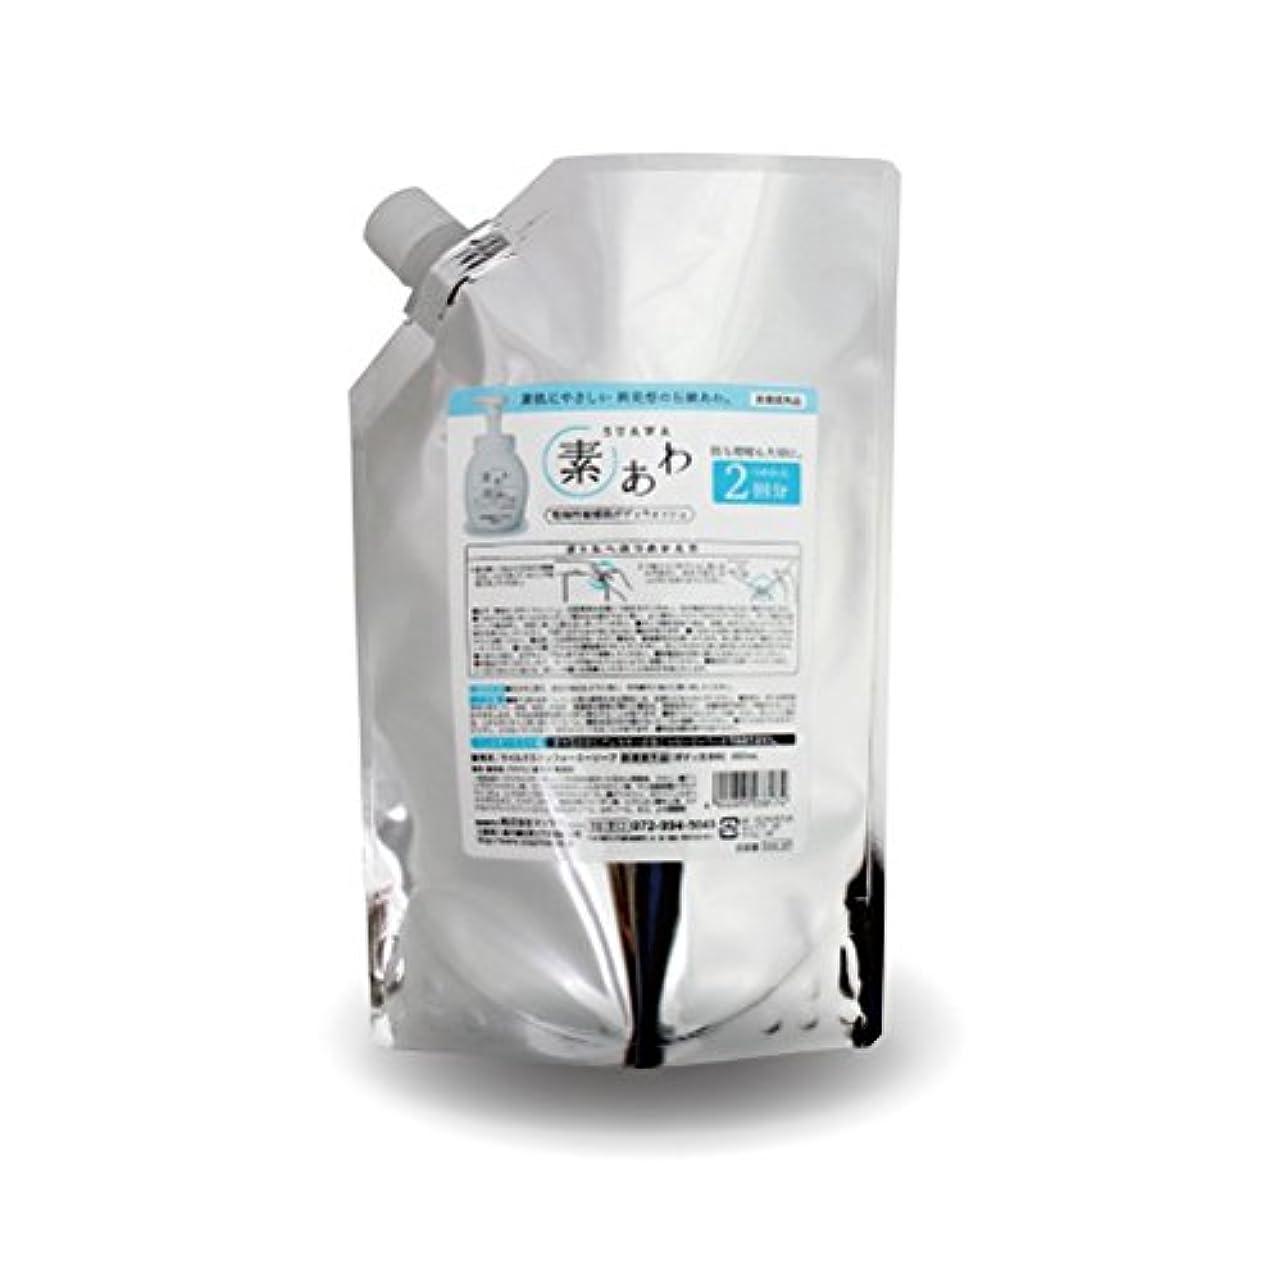 はちみつ守る行進薬用 素あわ 泡タイプ ボディソープ 詰替2回分パウチ 800mL 乾 燥 肌 ? 敏 感 肌 に